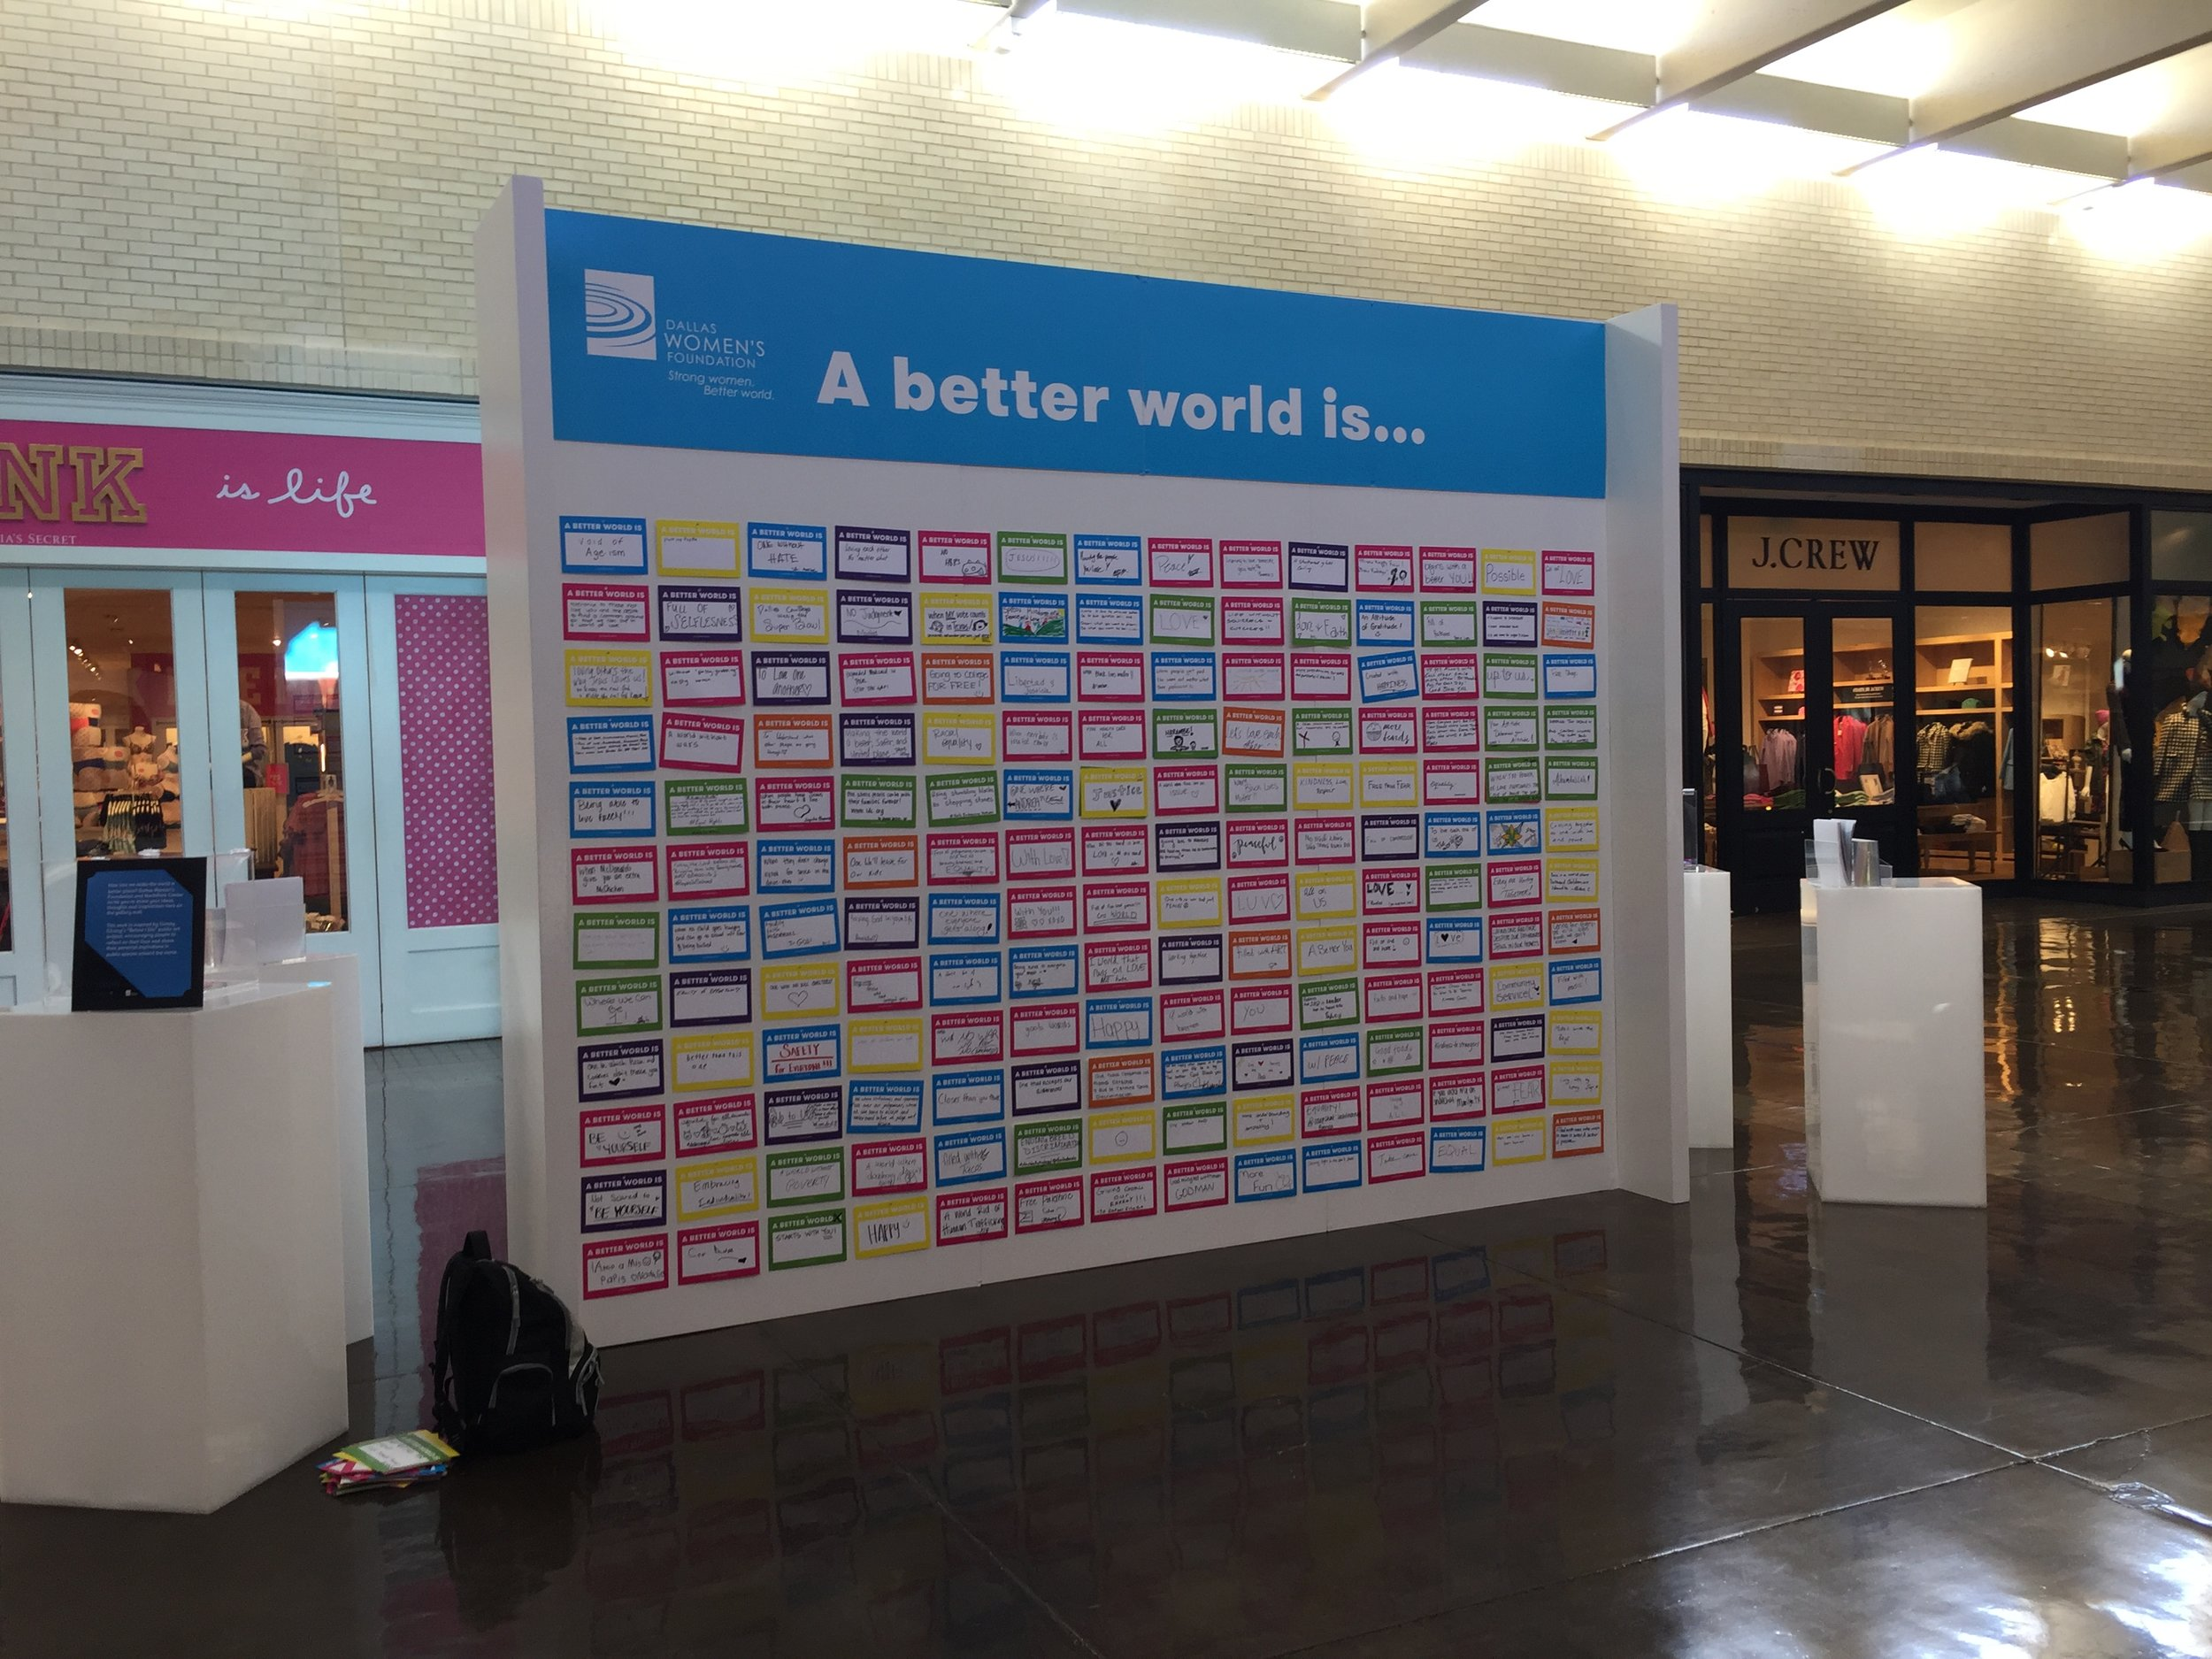 A Better World Is...